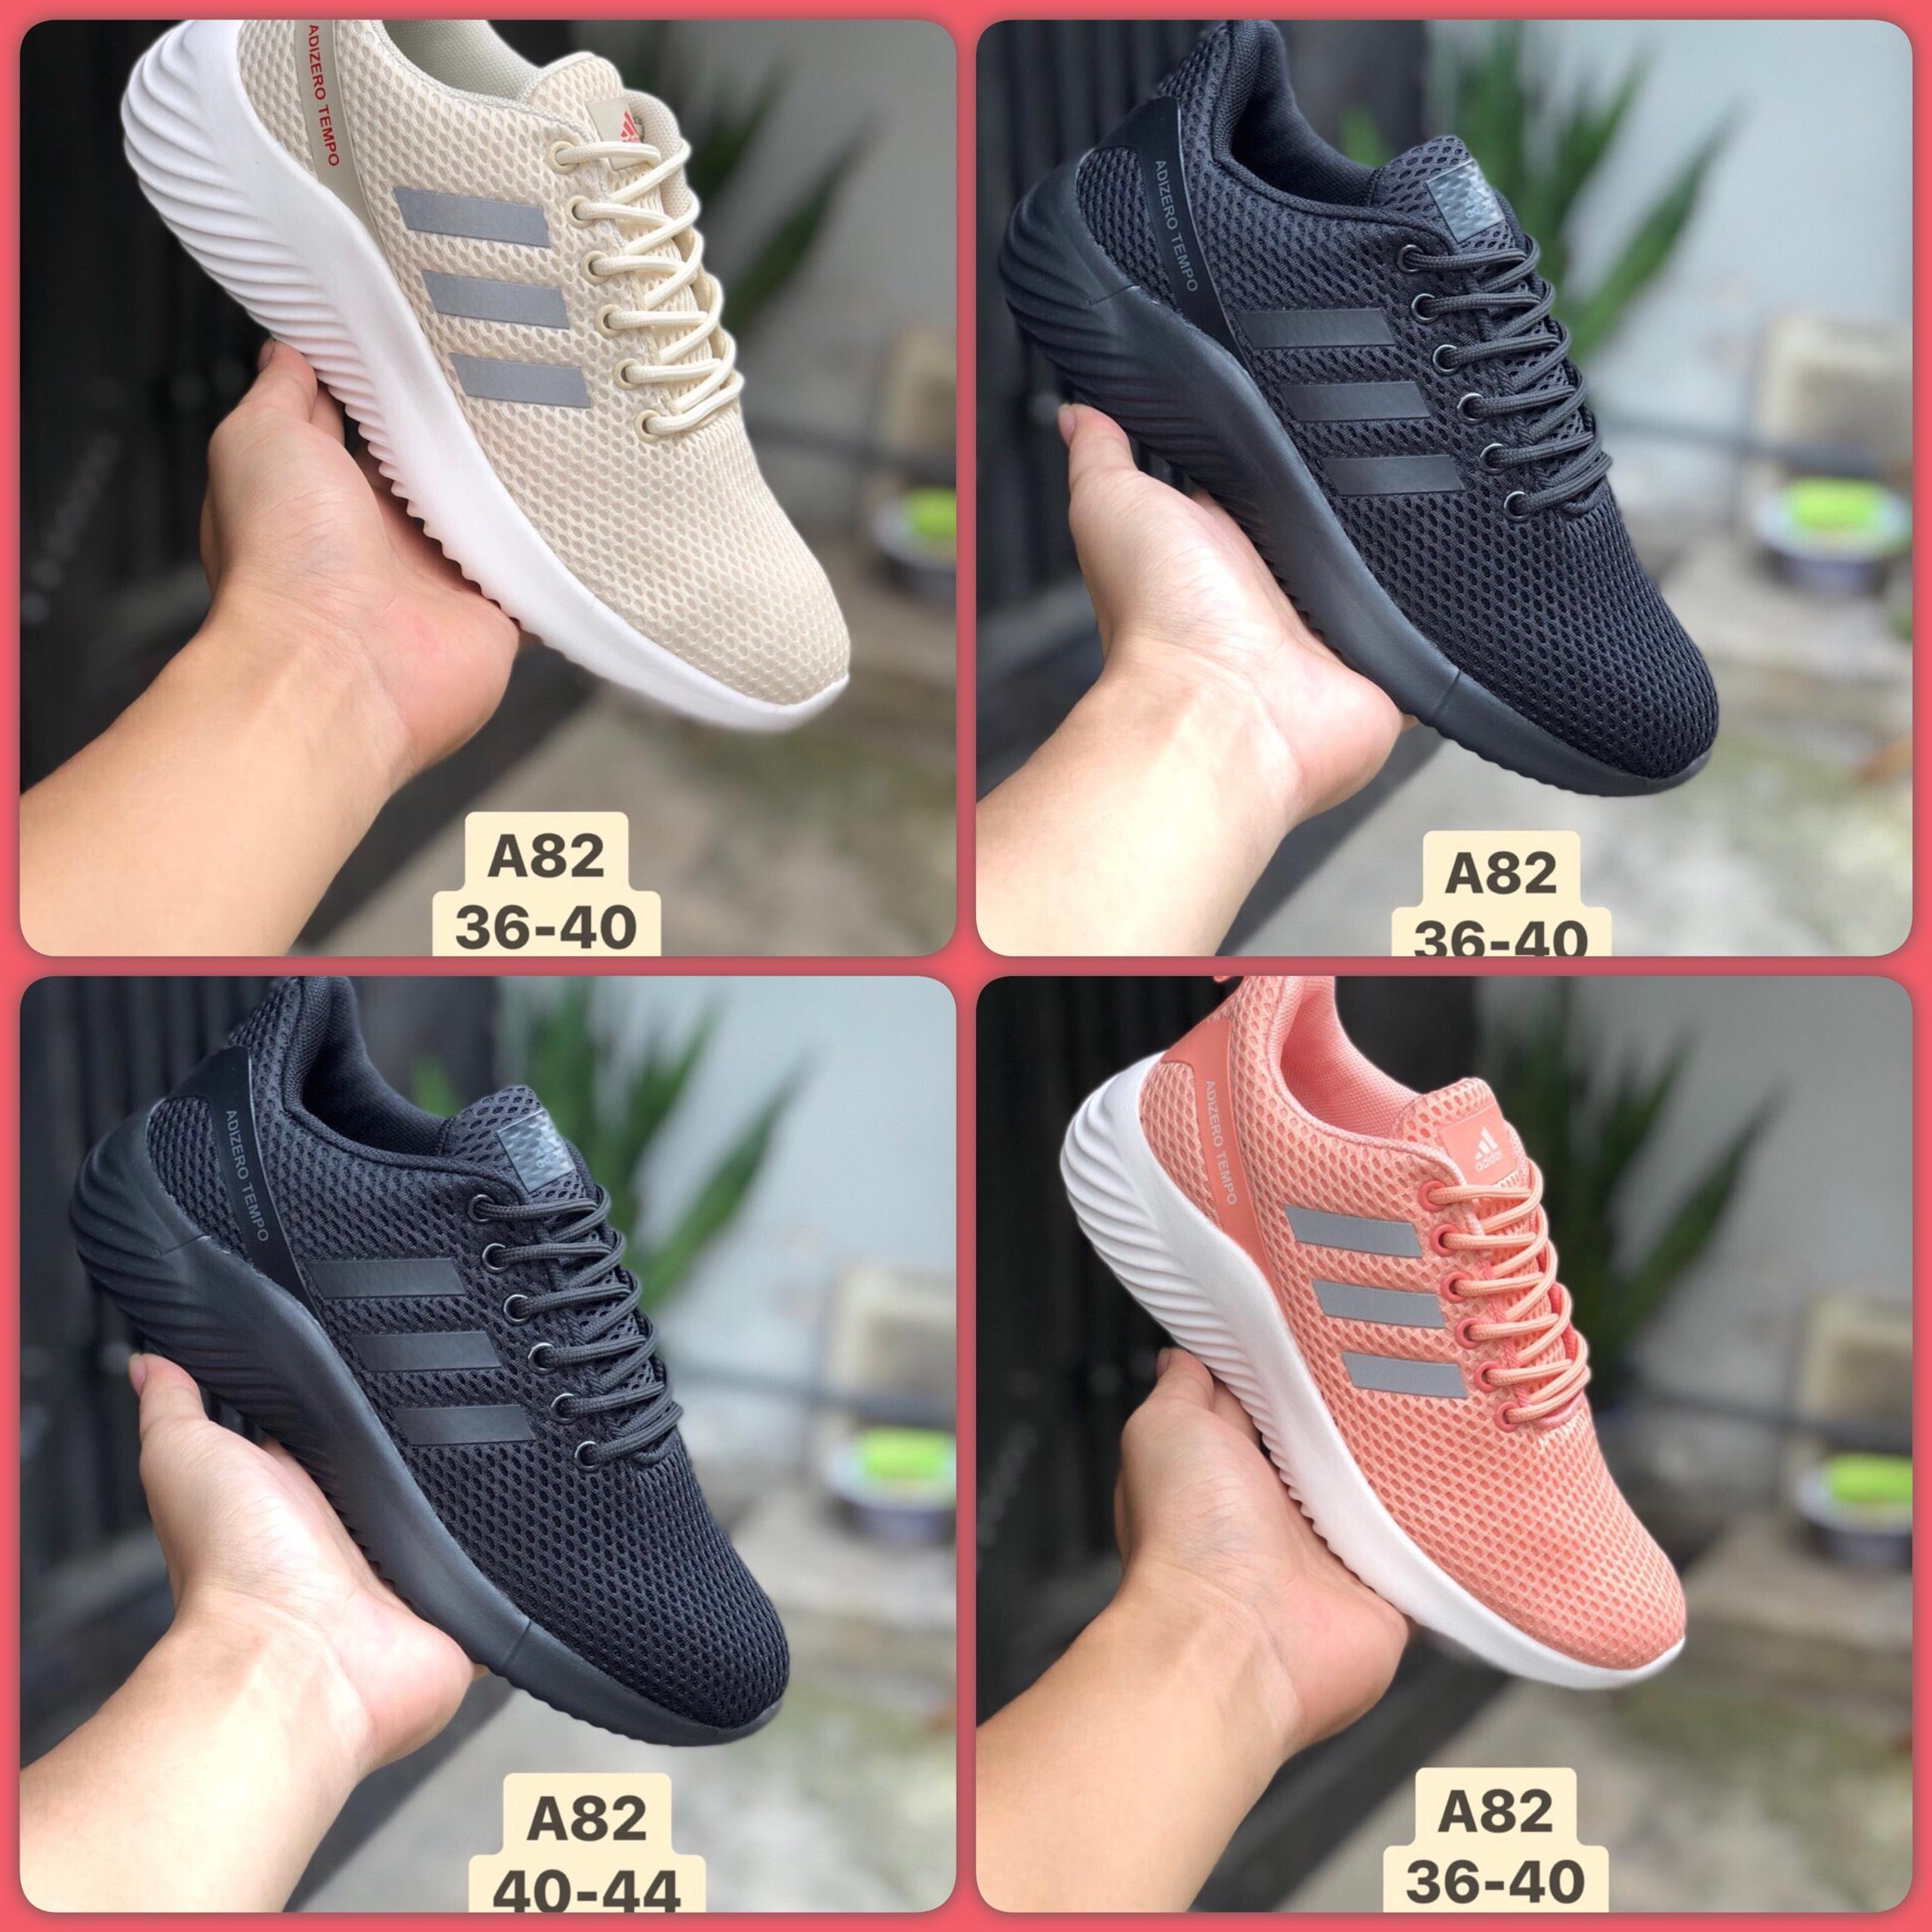 Giày Adidas Neo A82